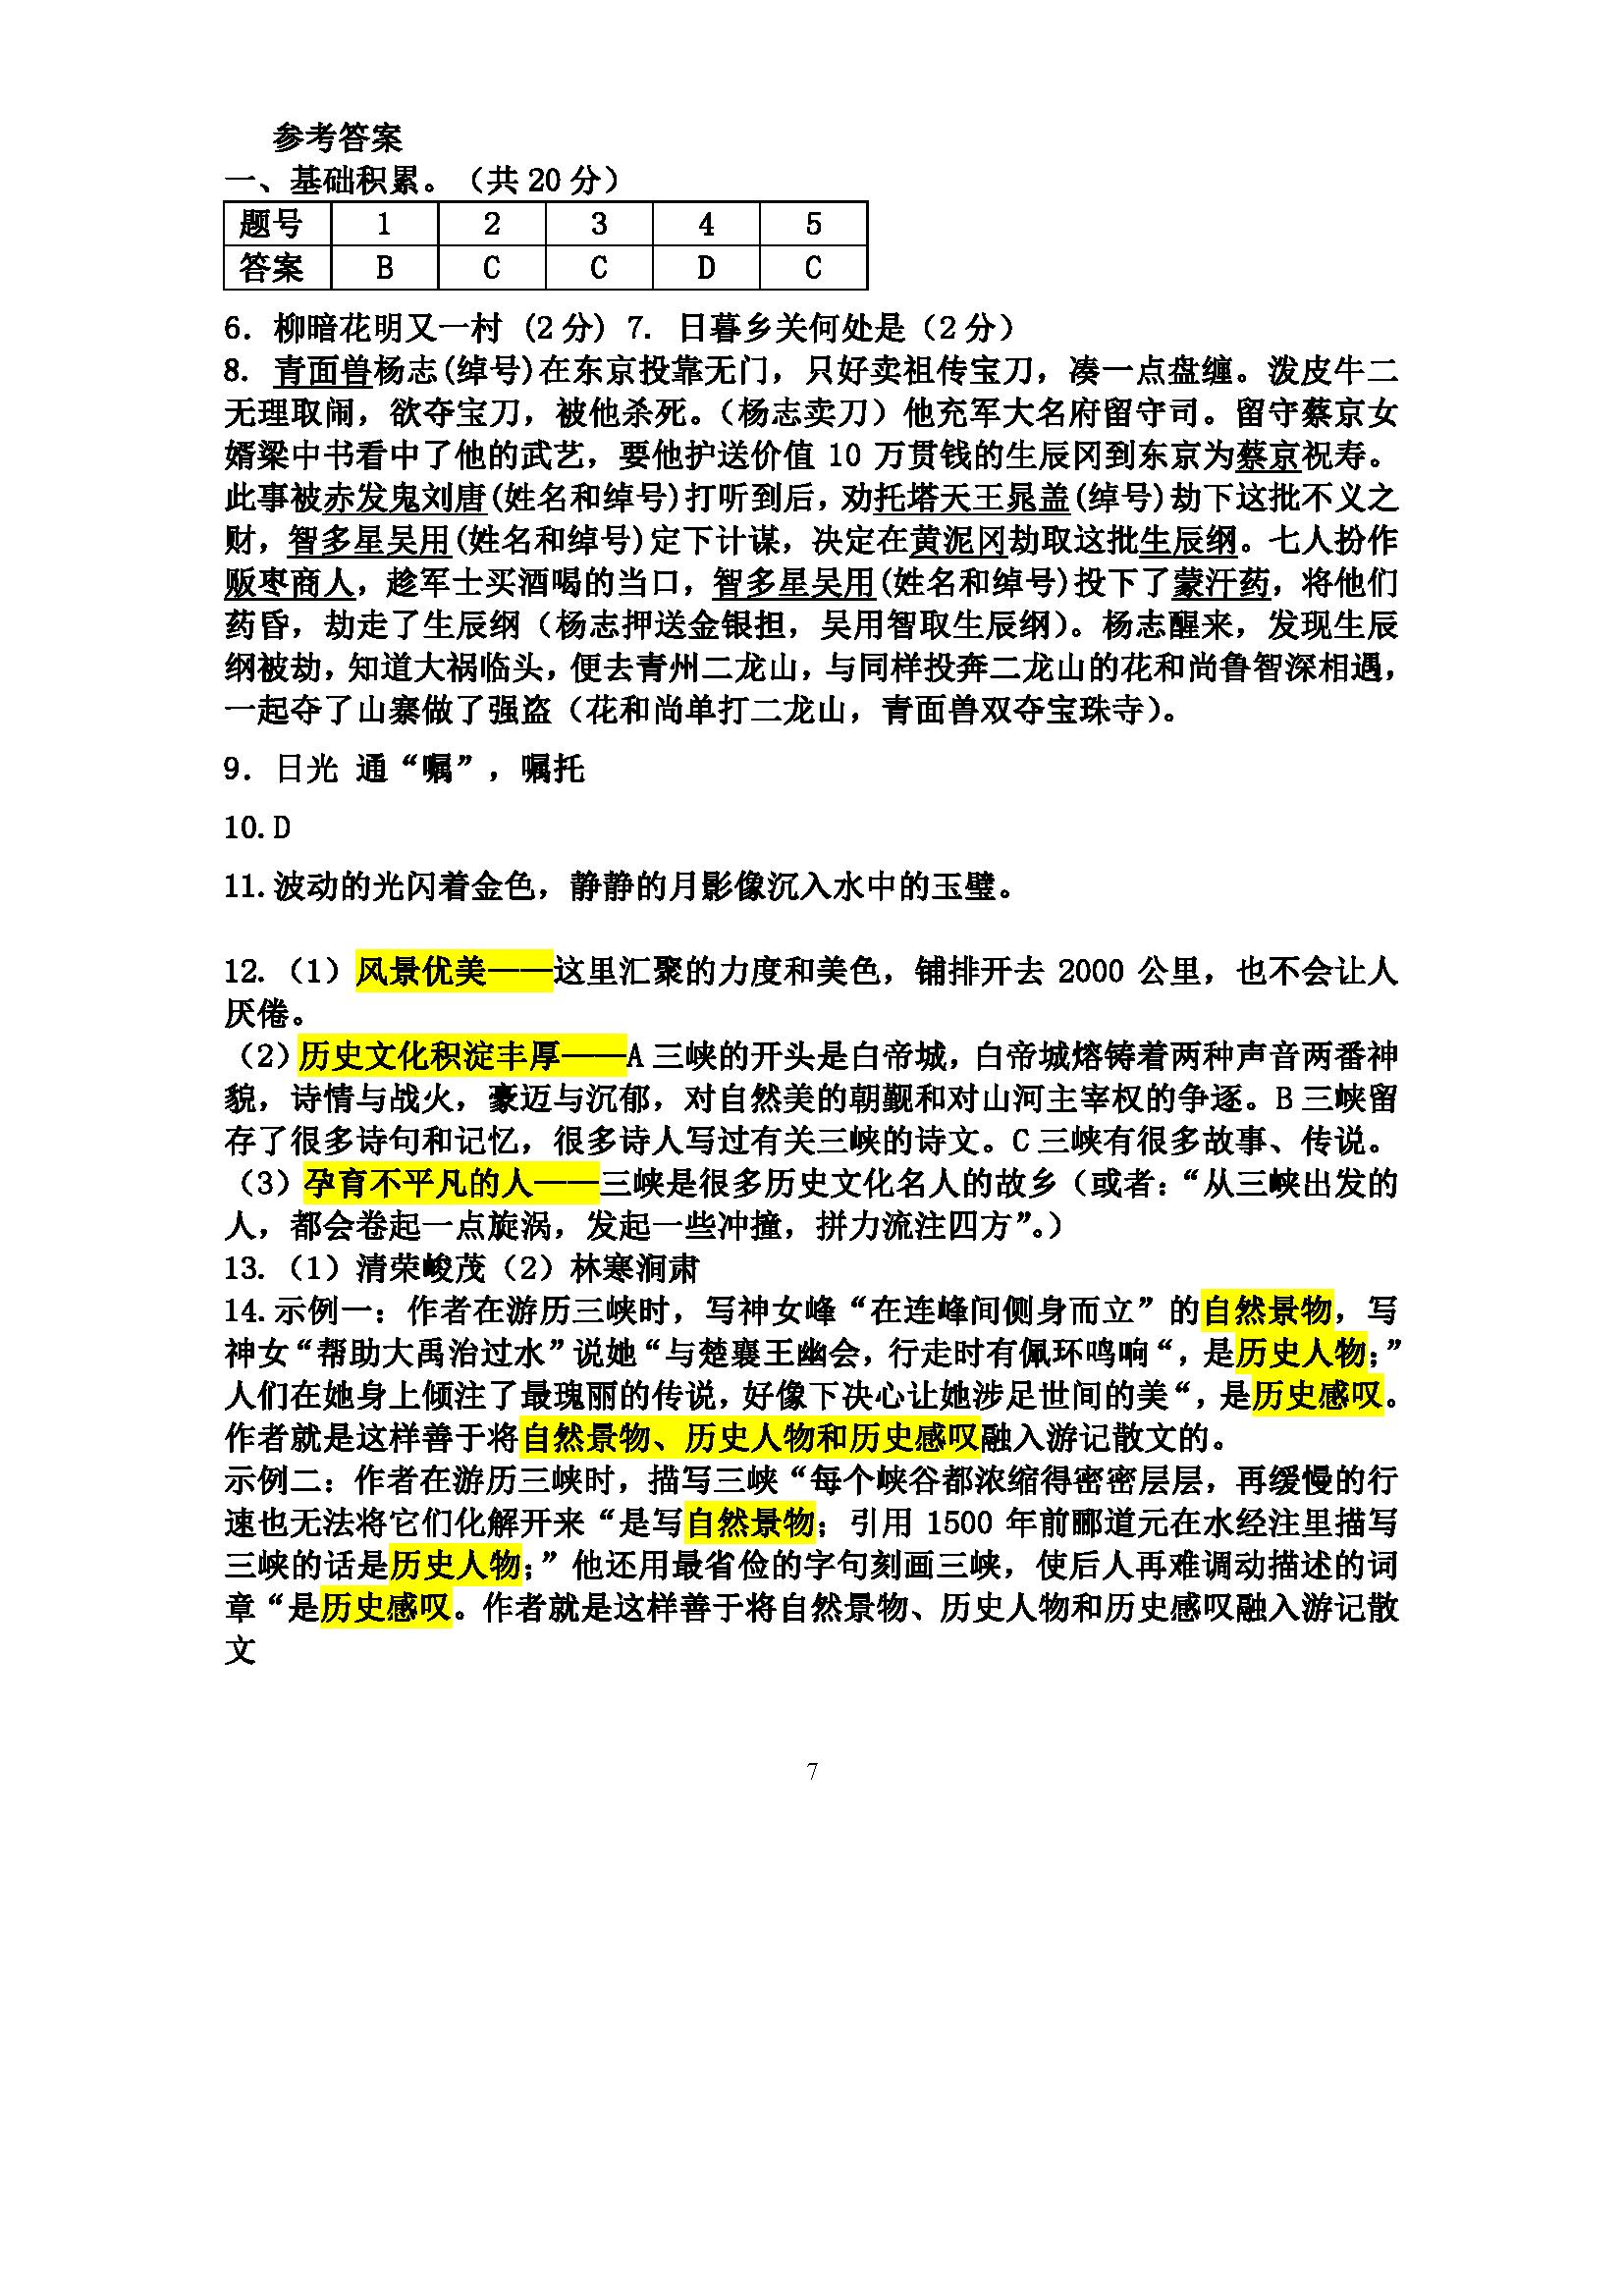 北师大实验中学2017-2018第一学期初三语文9月检测试卷答案(图片版)